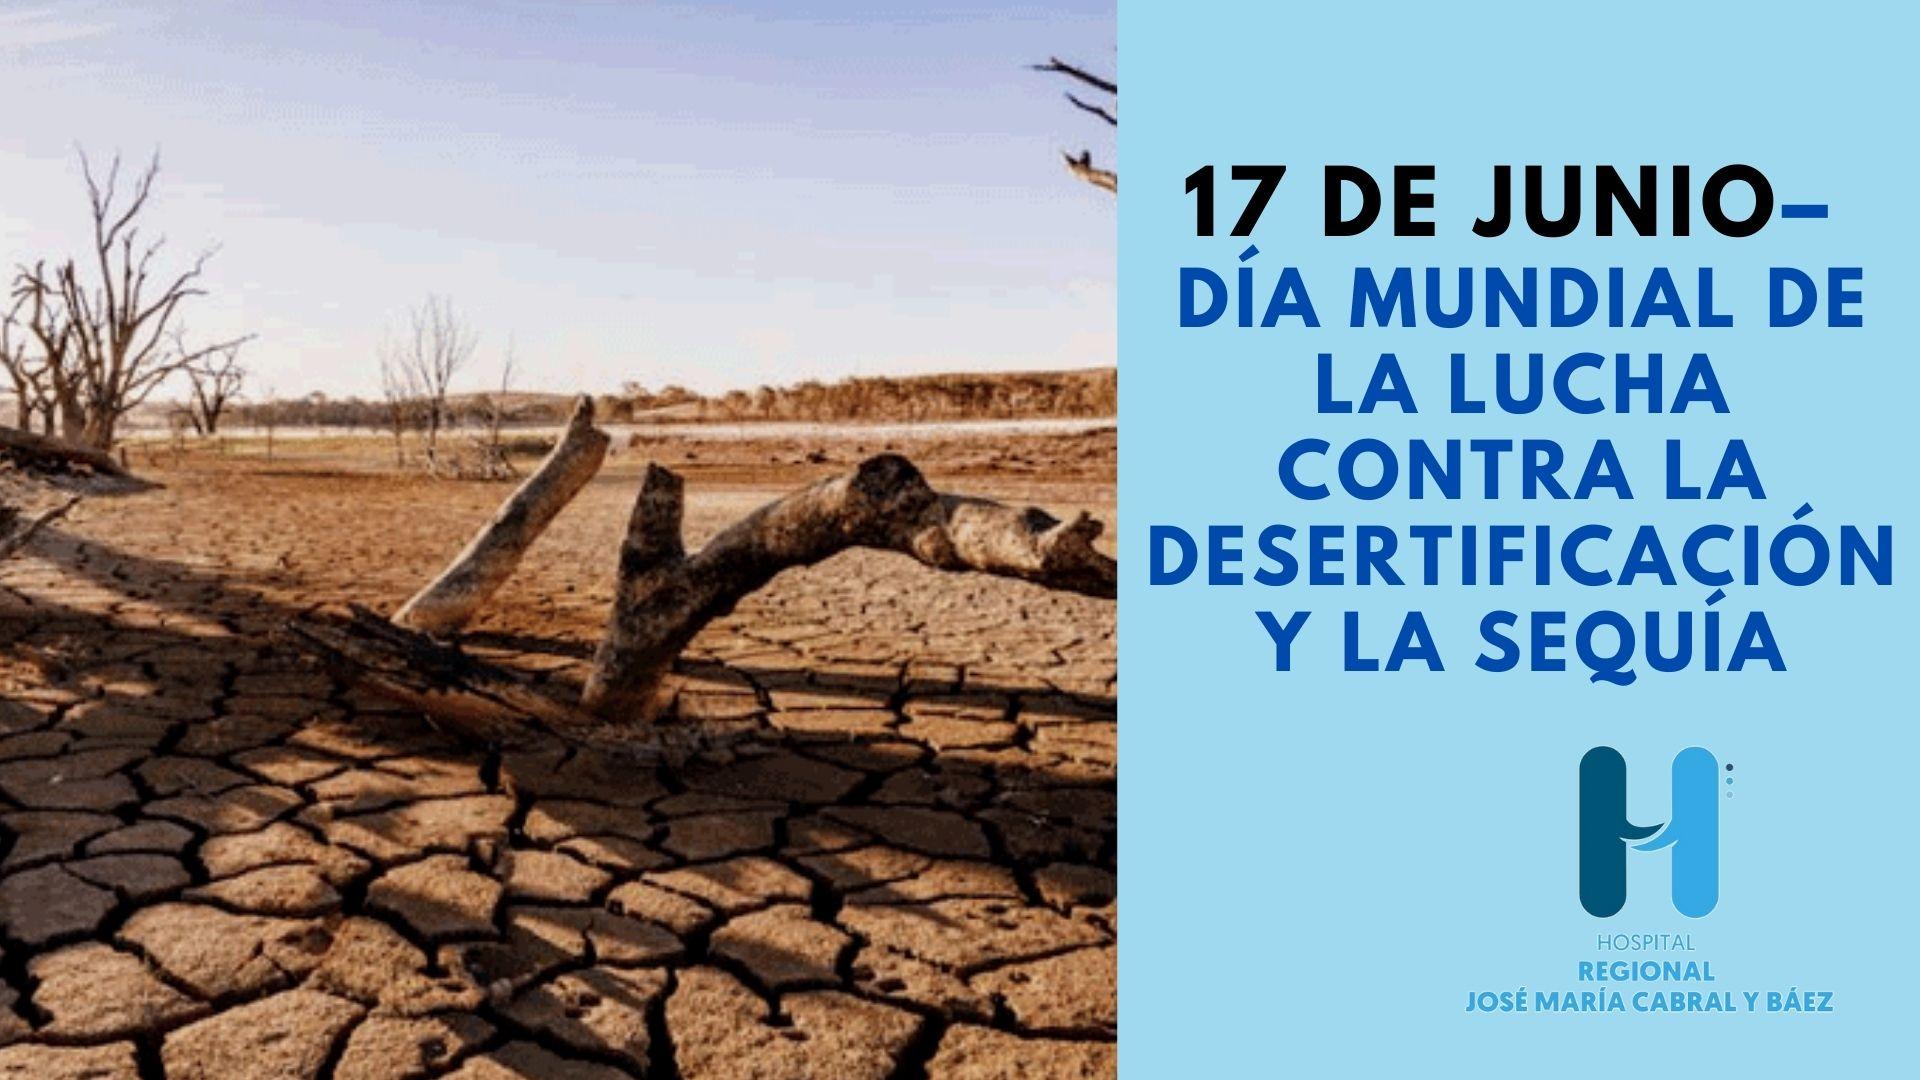 El Día de Lucha contra la Desertificación y la Sequía